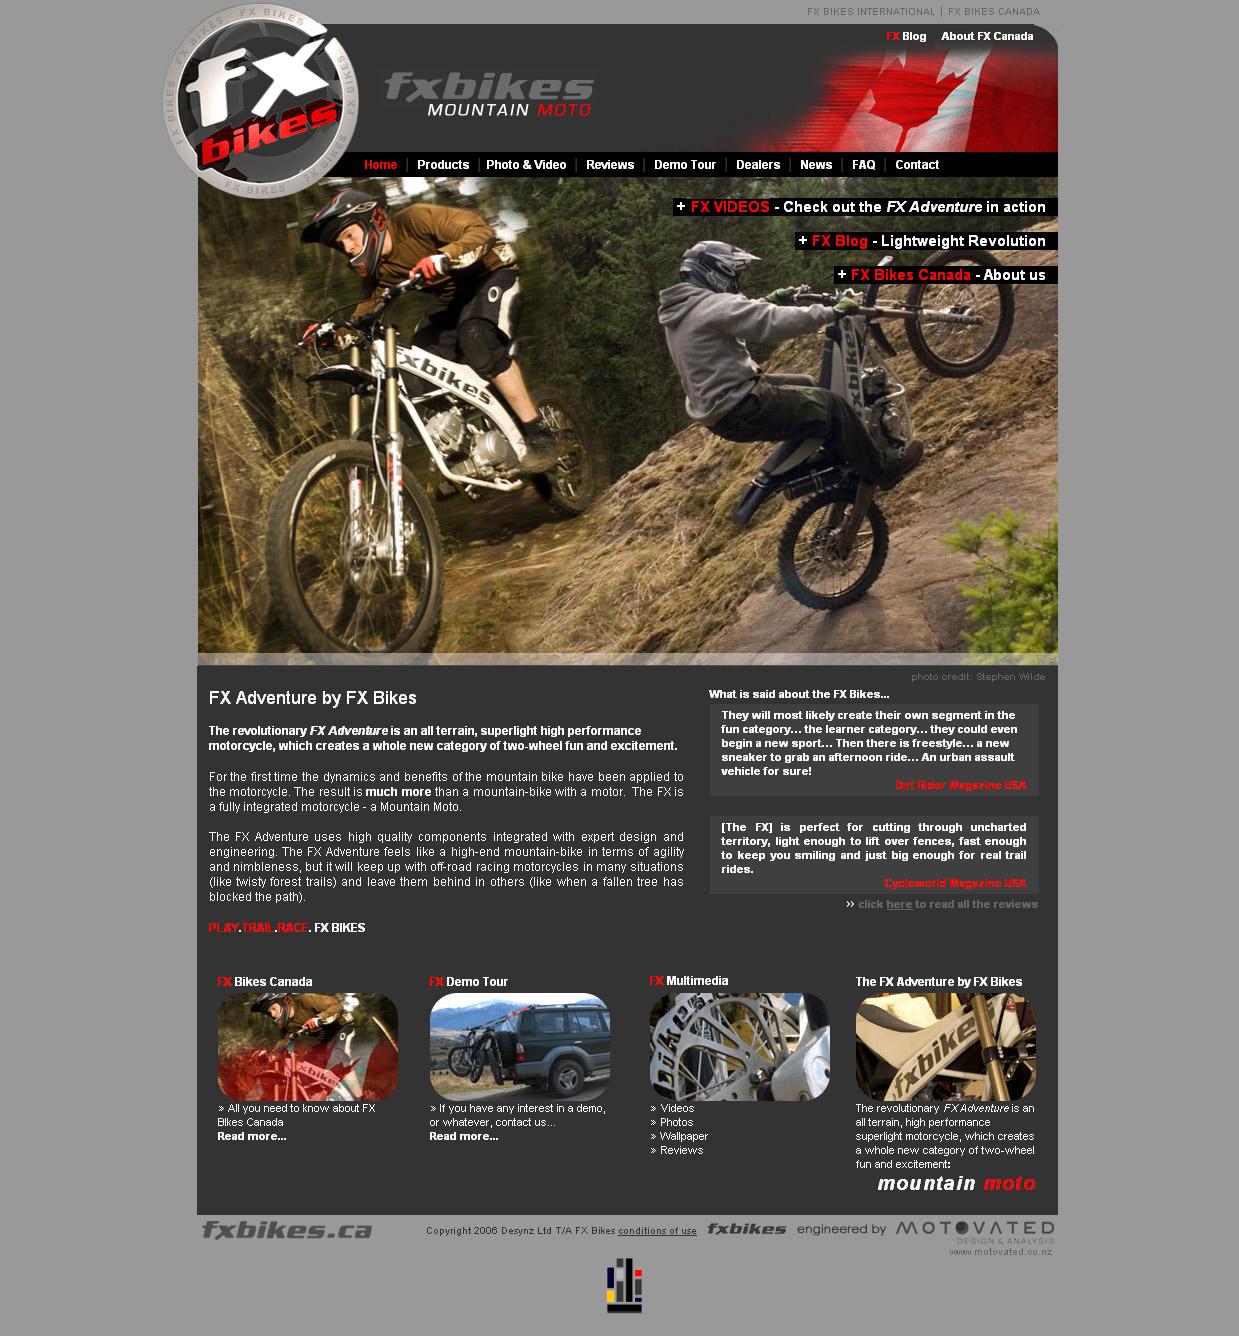 FX Bikes [WEB DESIGN]